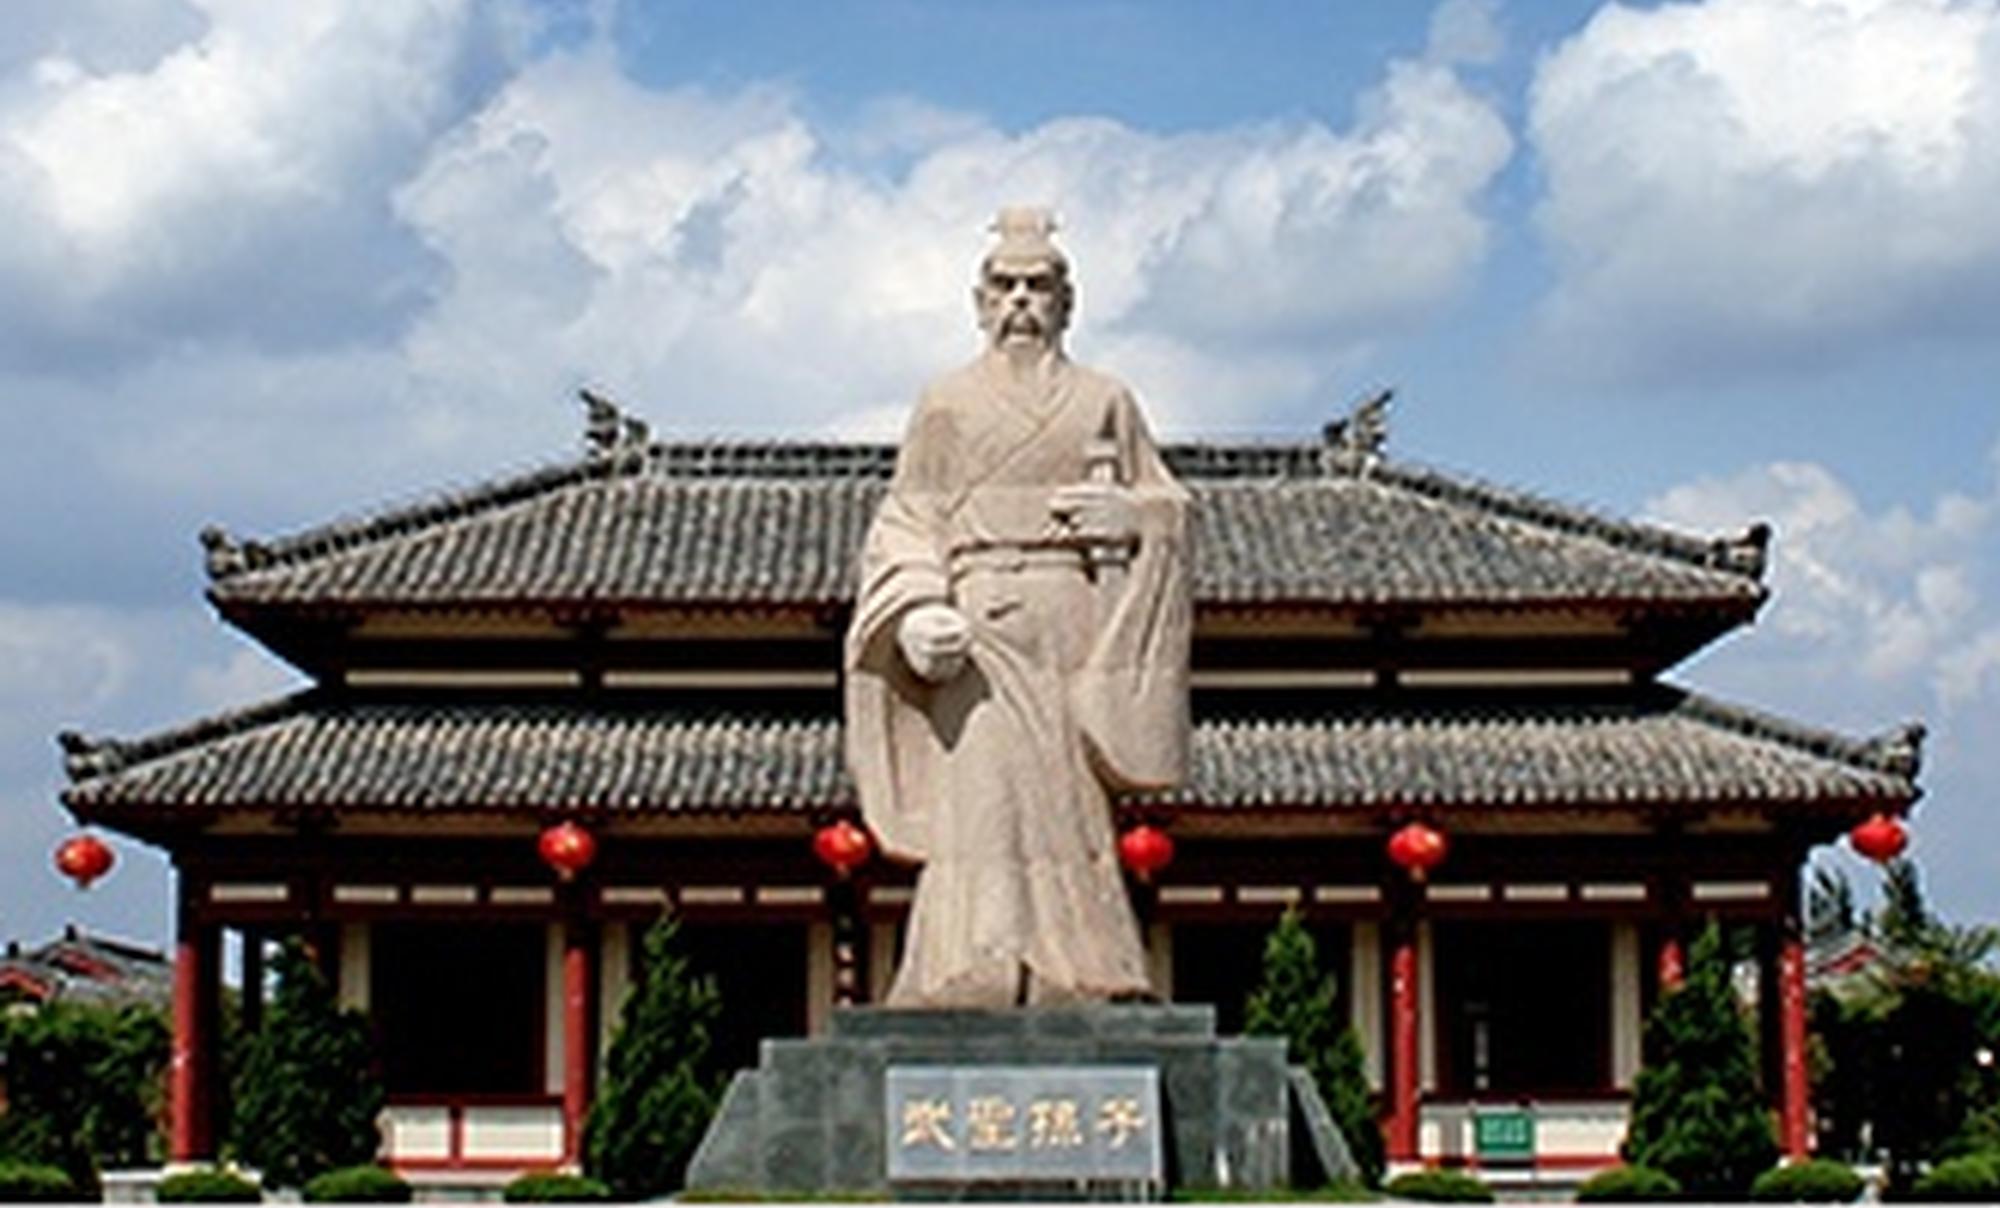 文化惠民 旅游胜地